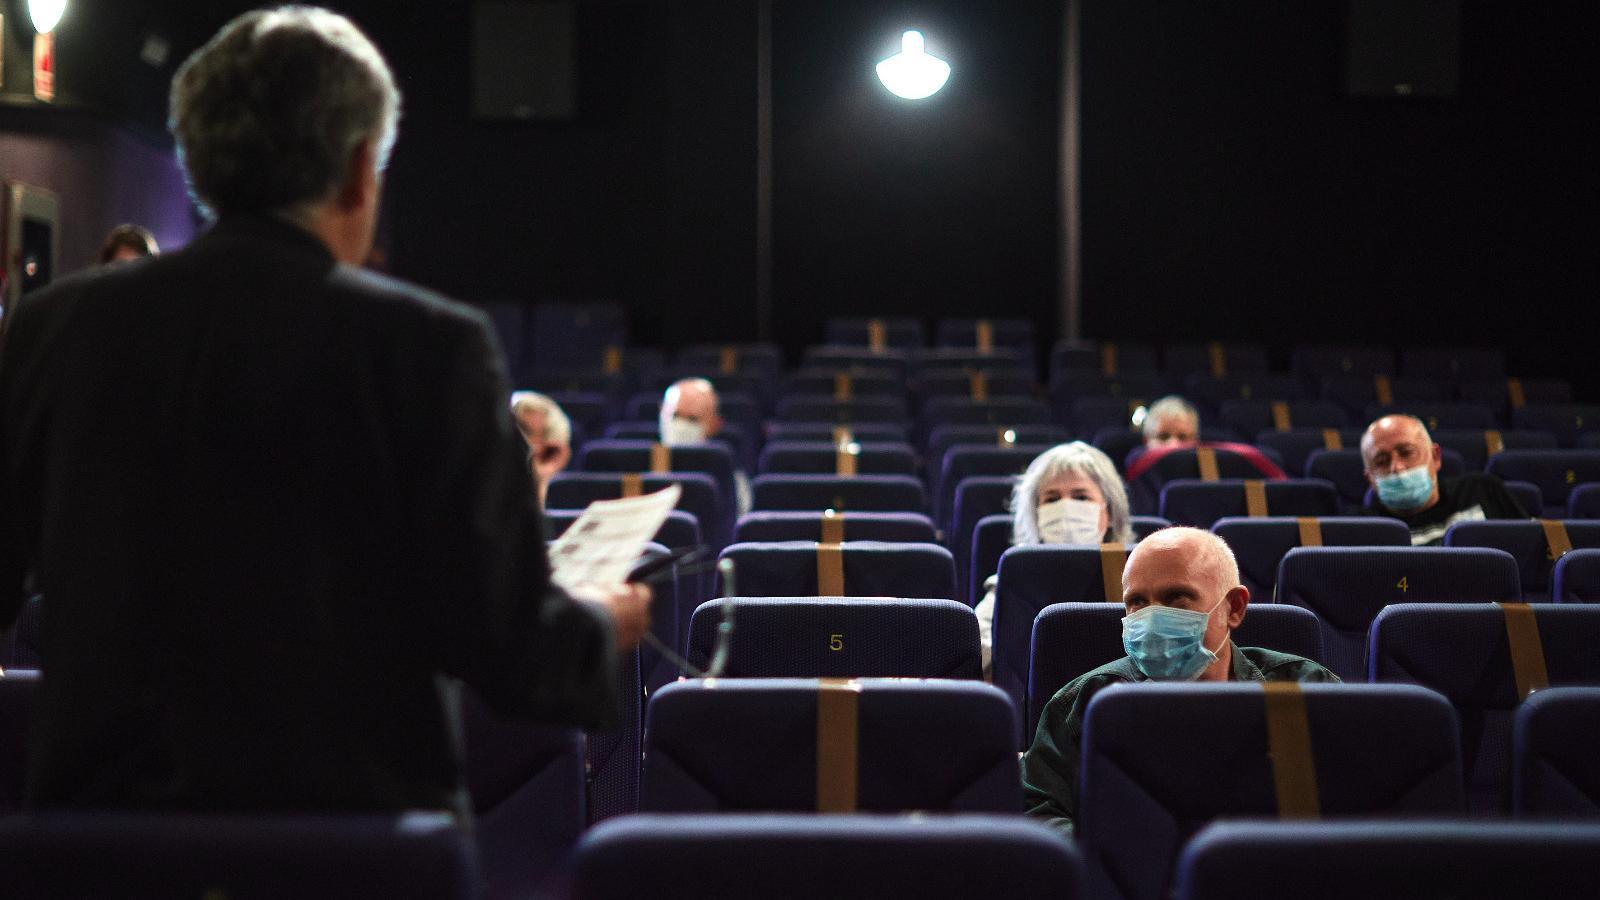 El TSJC permet reobrir els cinemes, els gimnasos i els espais esportius